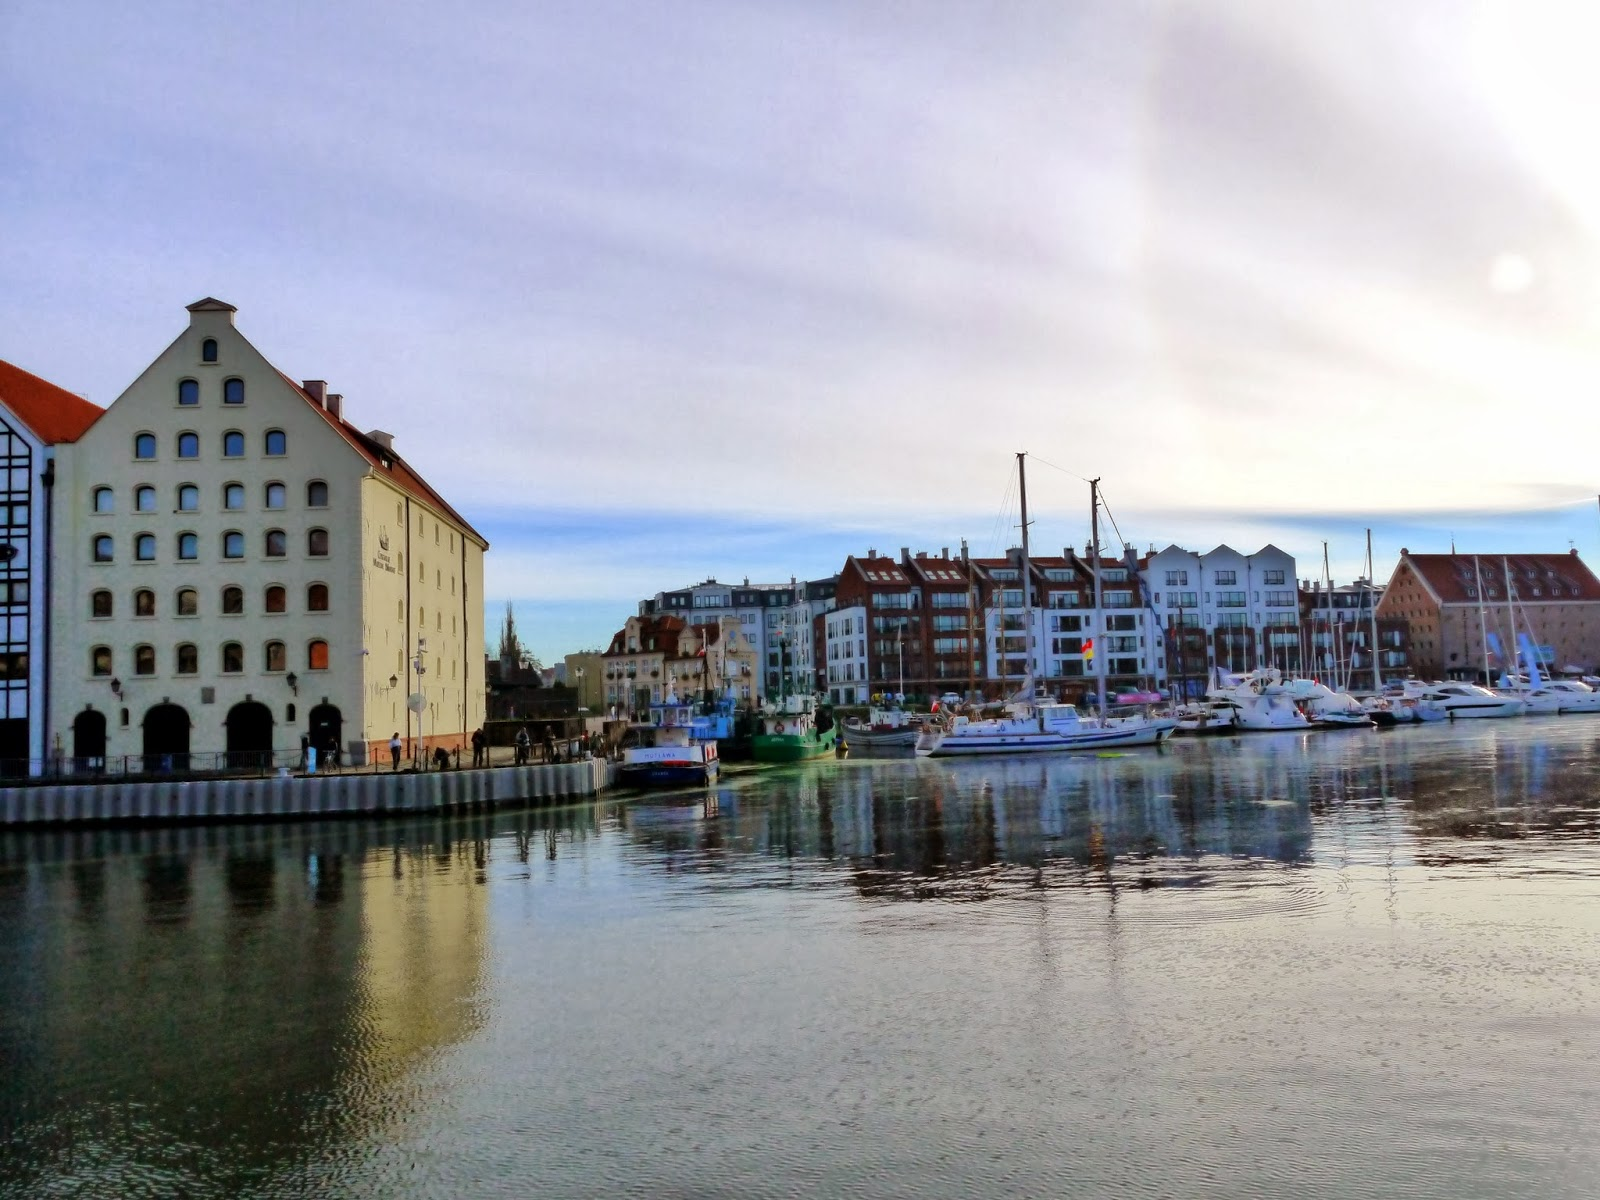 Morning Kawa: ::Coastal Town of Gdansk, Poland